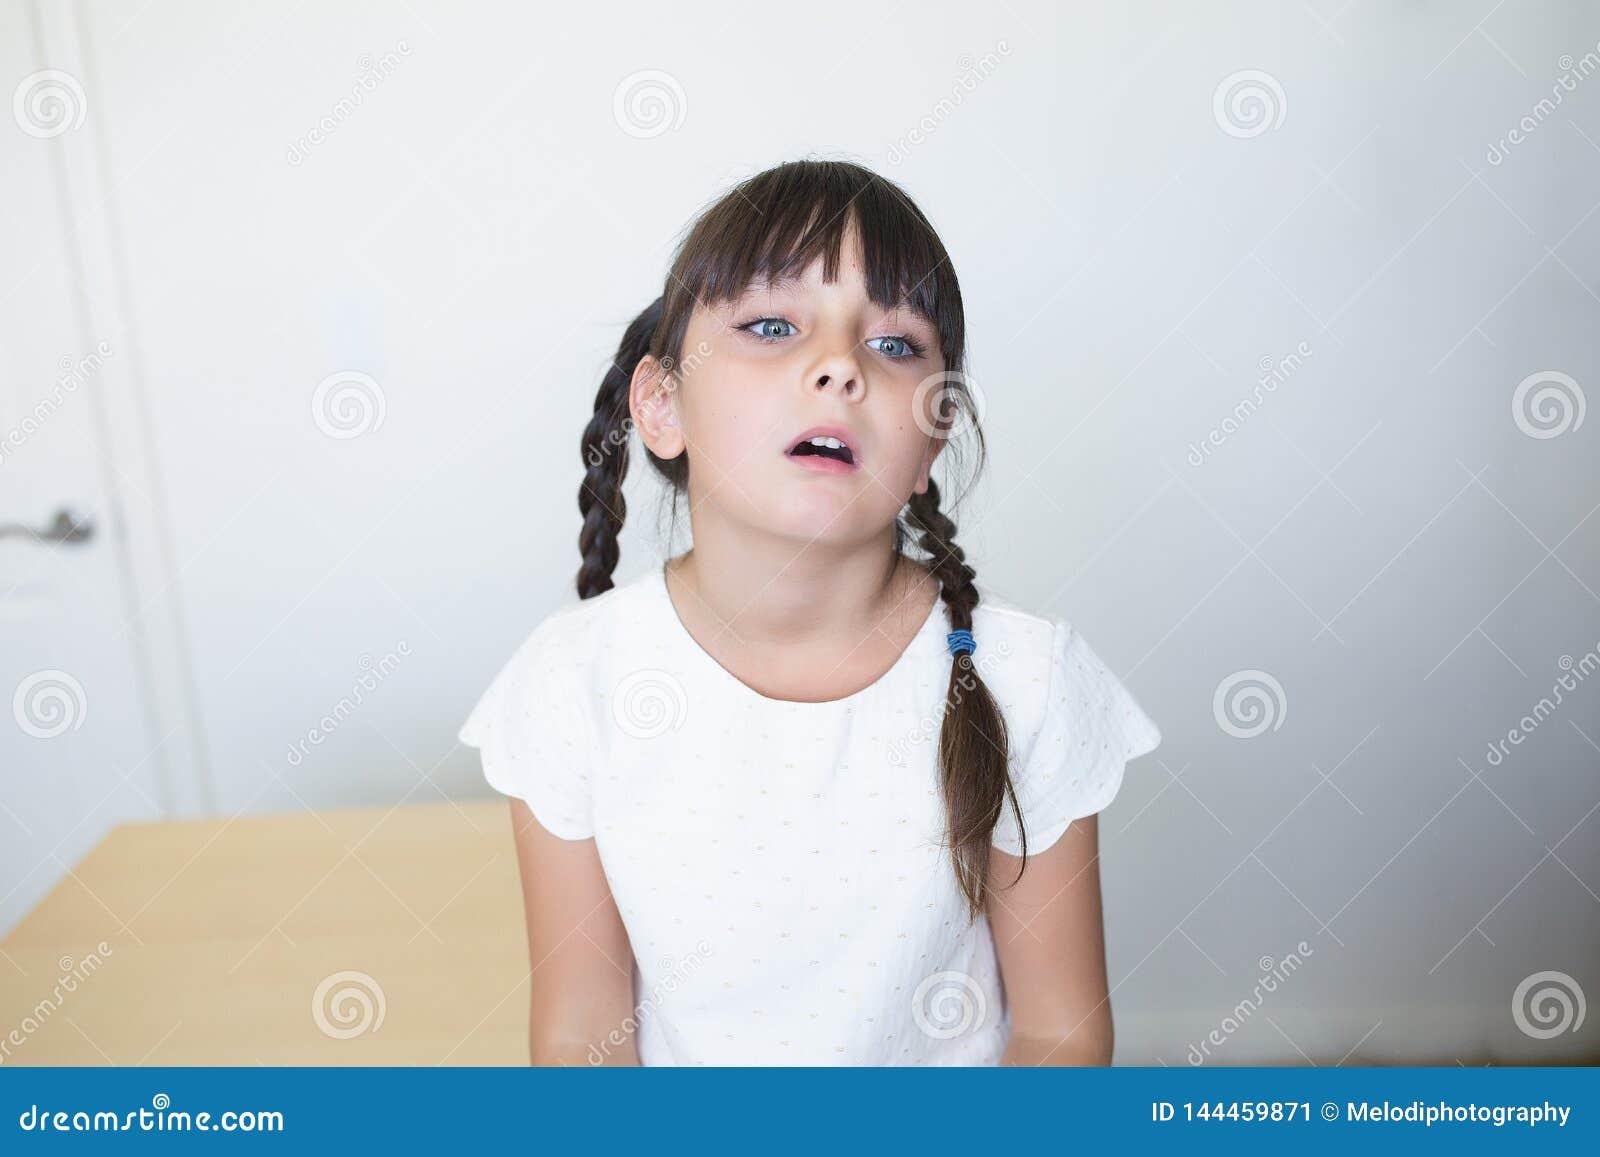 Zanudzająca mała dziewczynka